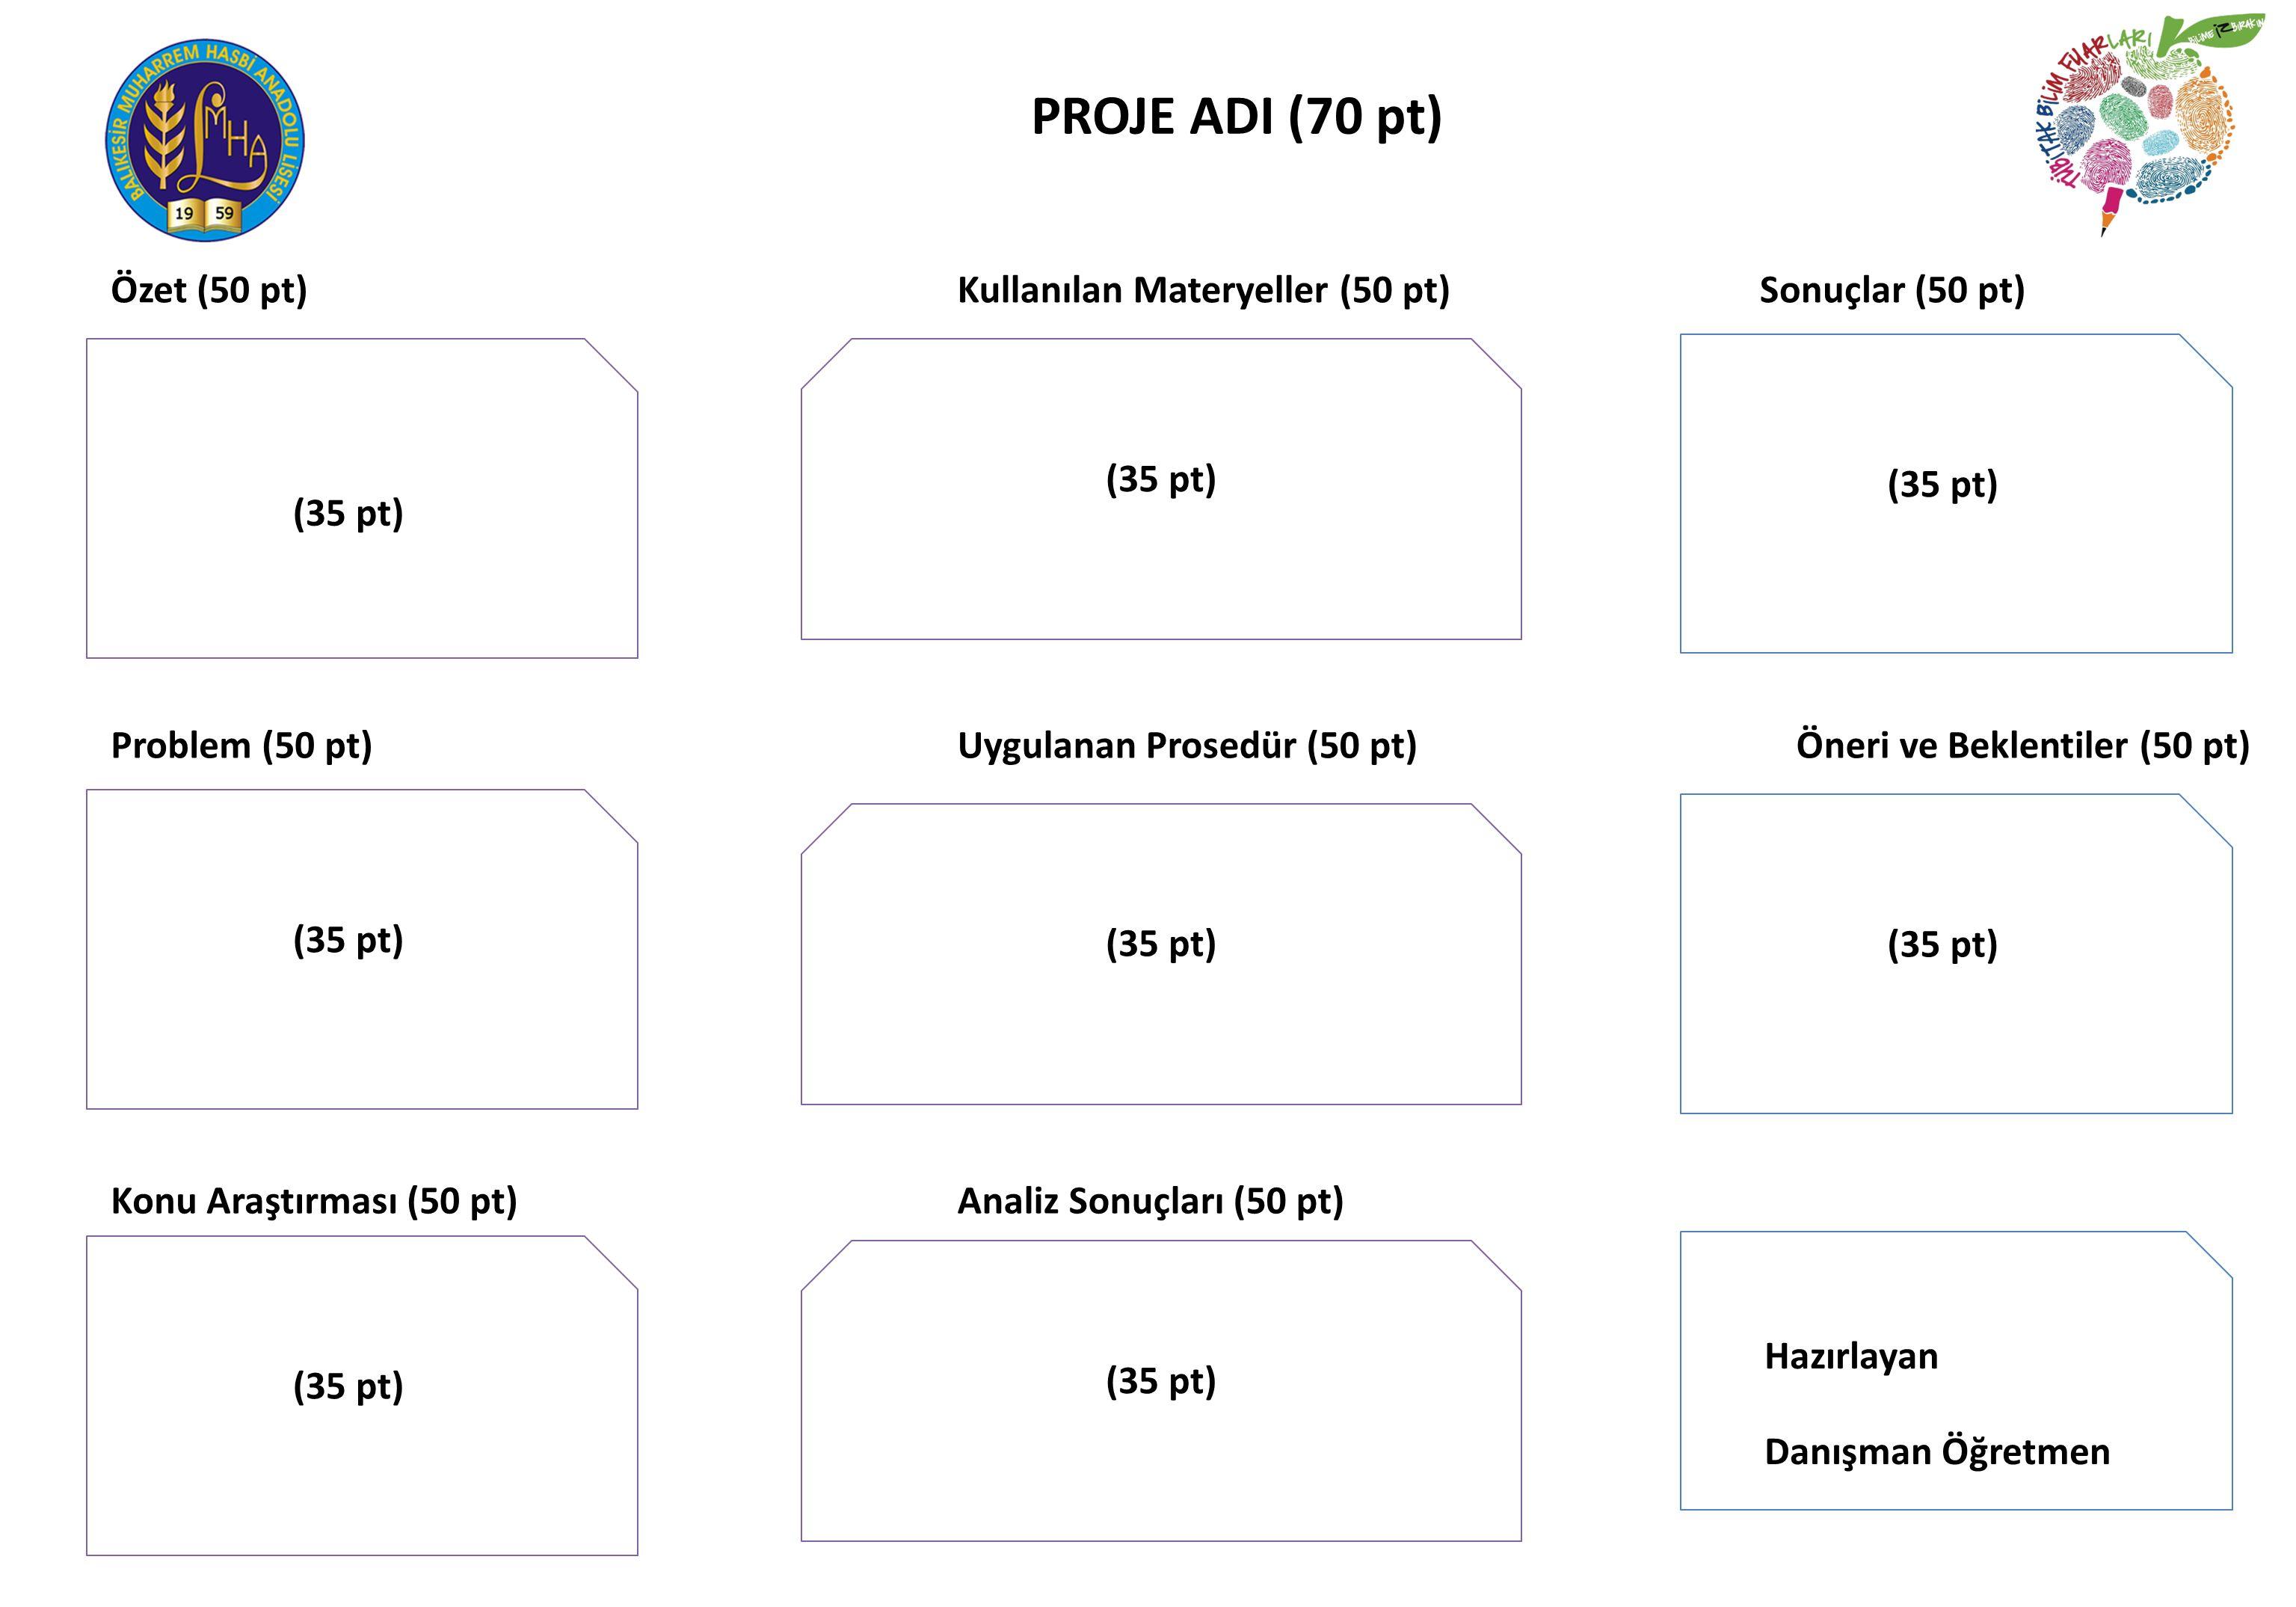 Özet (50 pt) Problem (50 pt) Konu Araştırması (50 pt) PROJE ADI (70 pt) Kullanılan Materyeller (50 pt) Uygulanan Prosedür (50 pt) Analiz Sonuçları (50